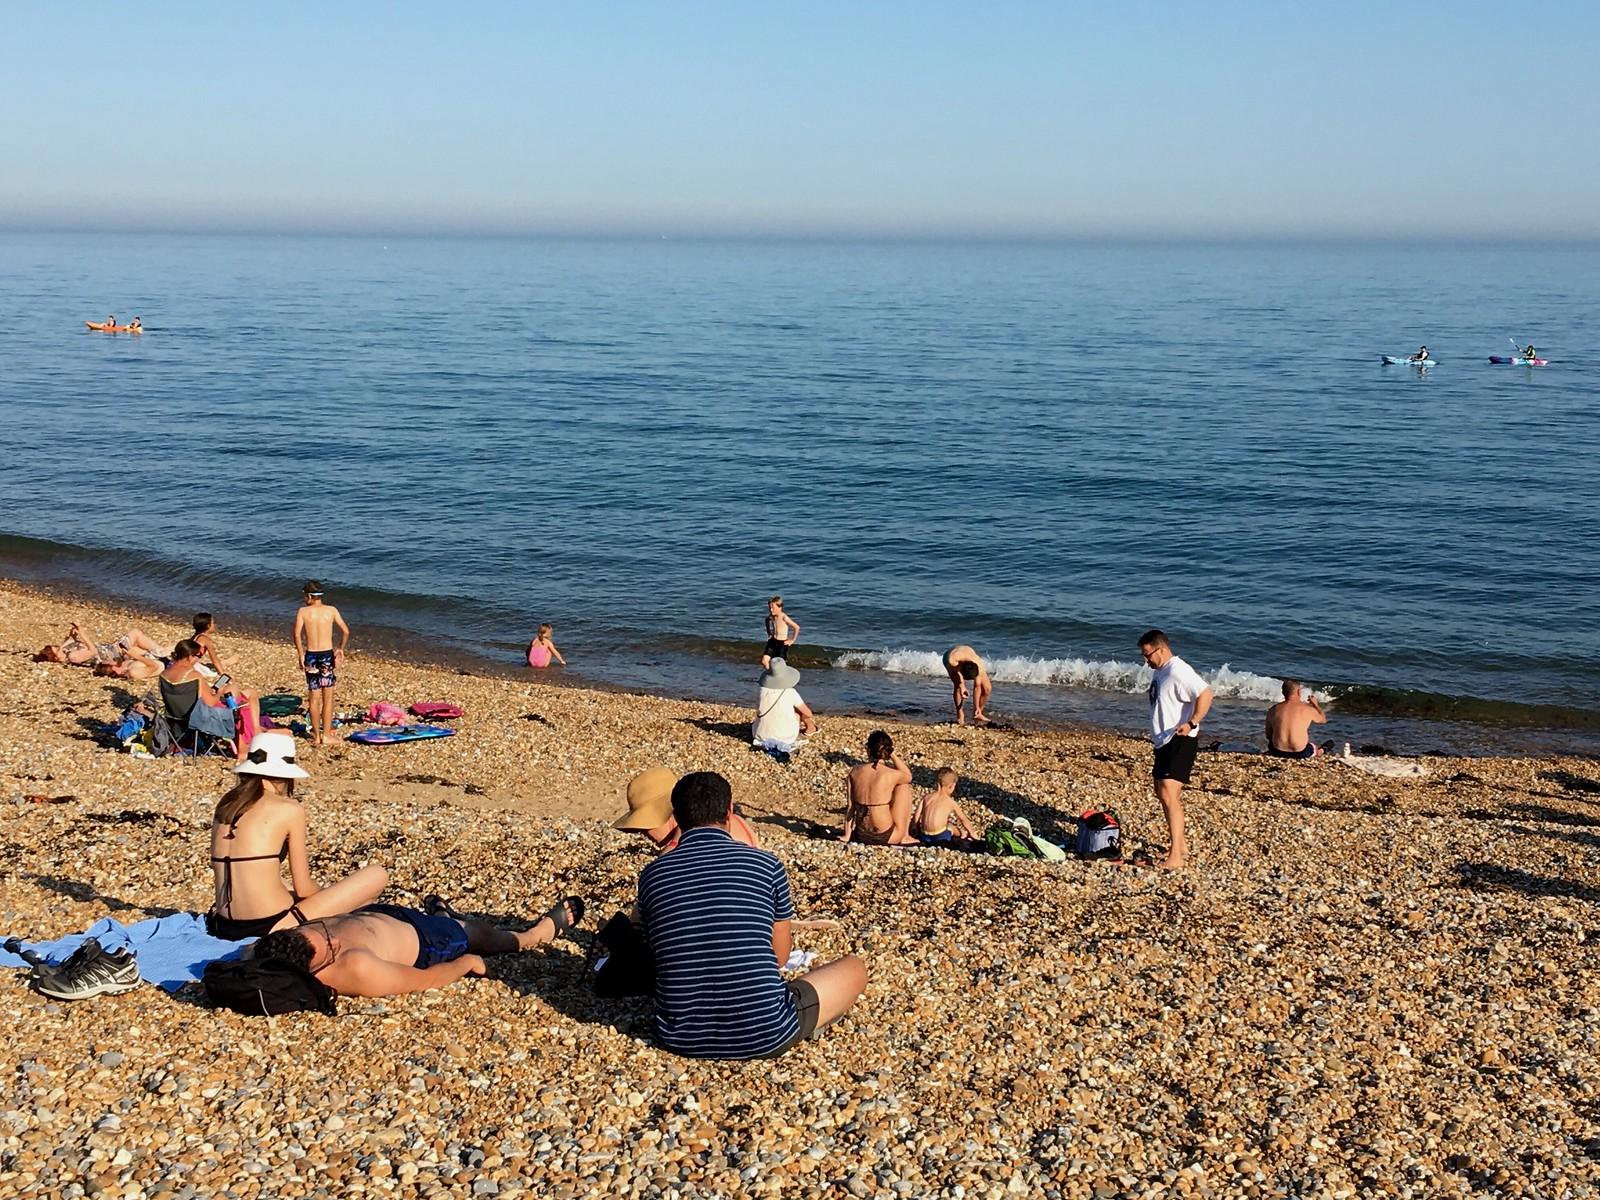 August 25, 2019: Berwick to Eastbourne Eastbourne beach